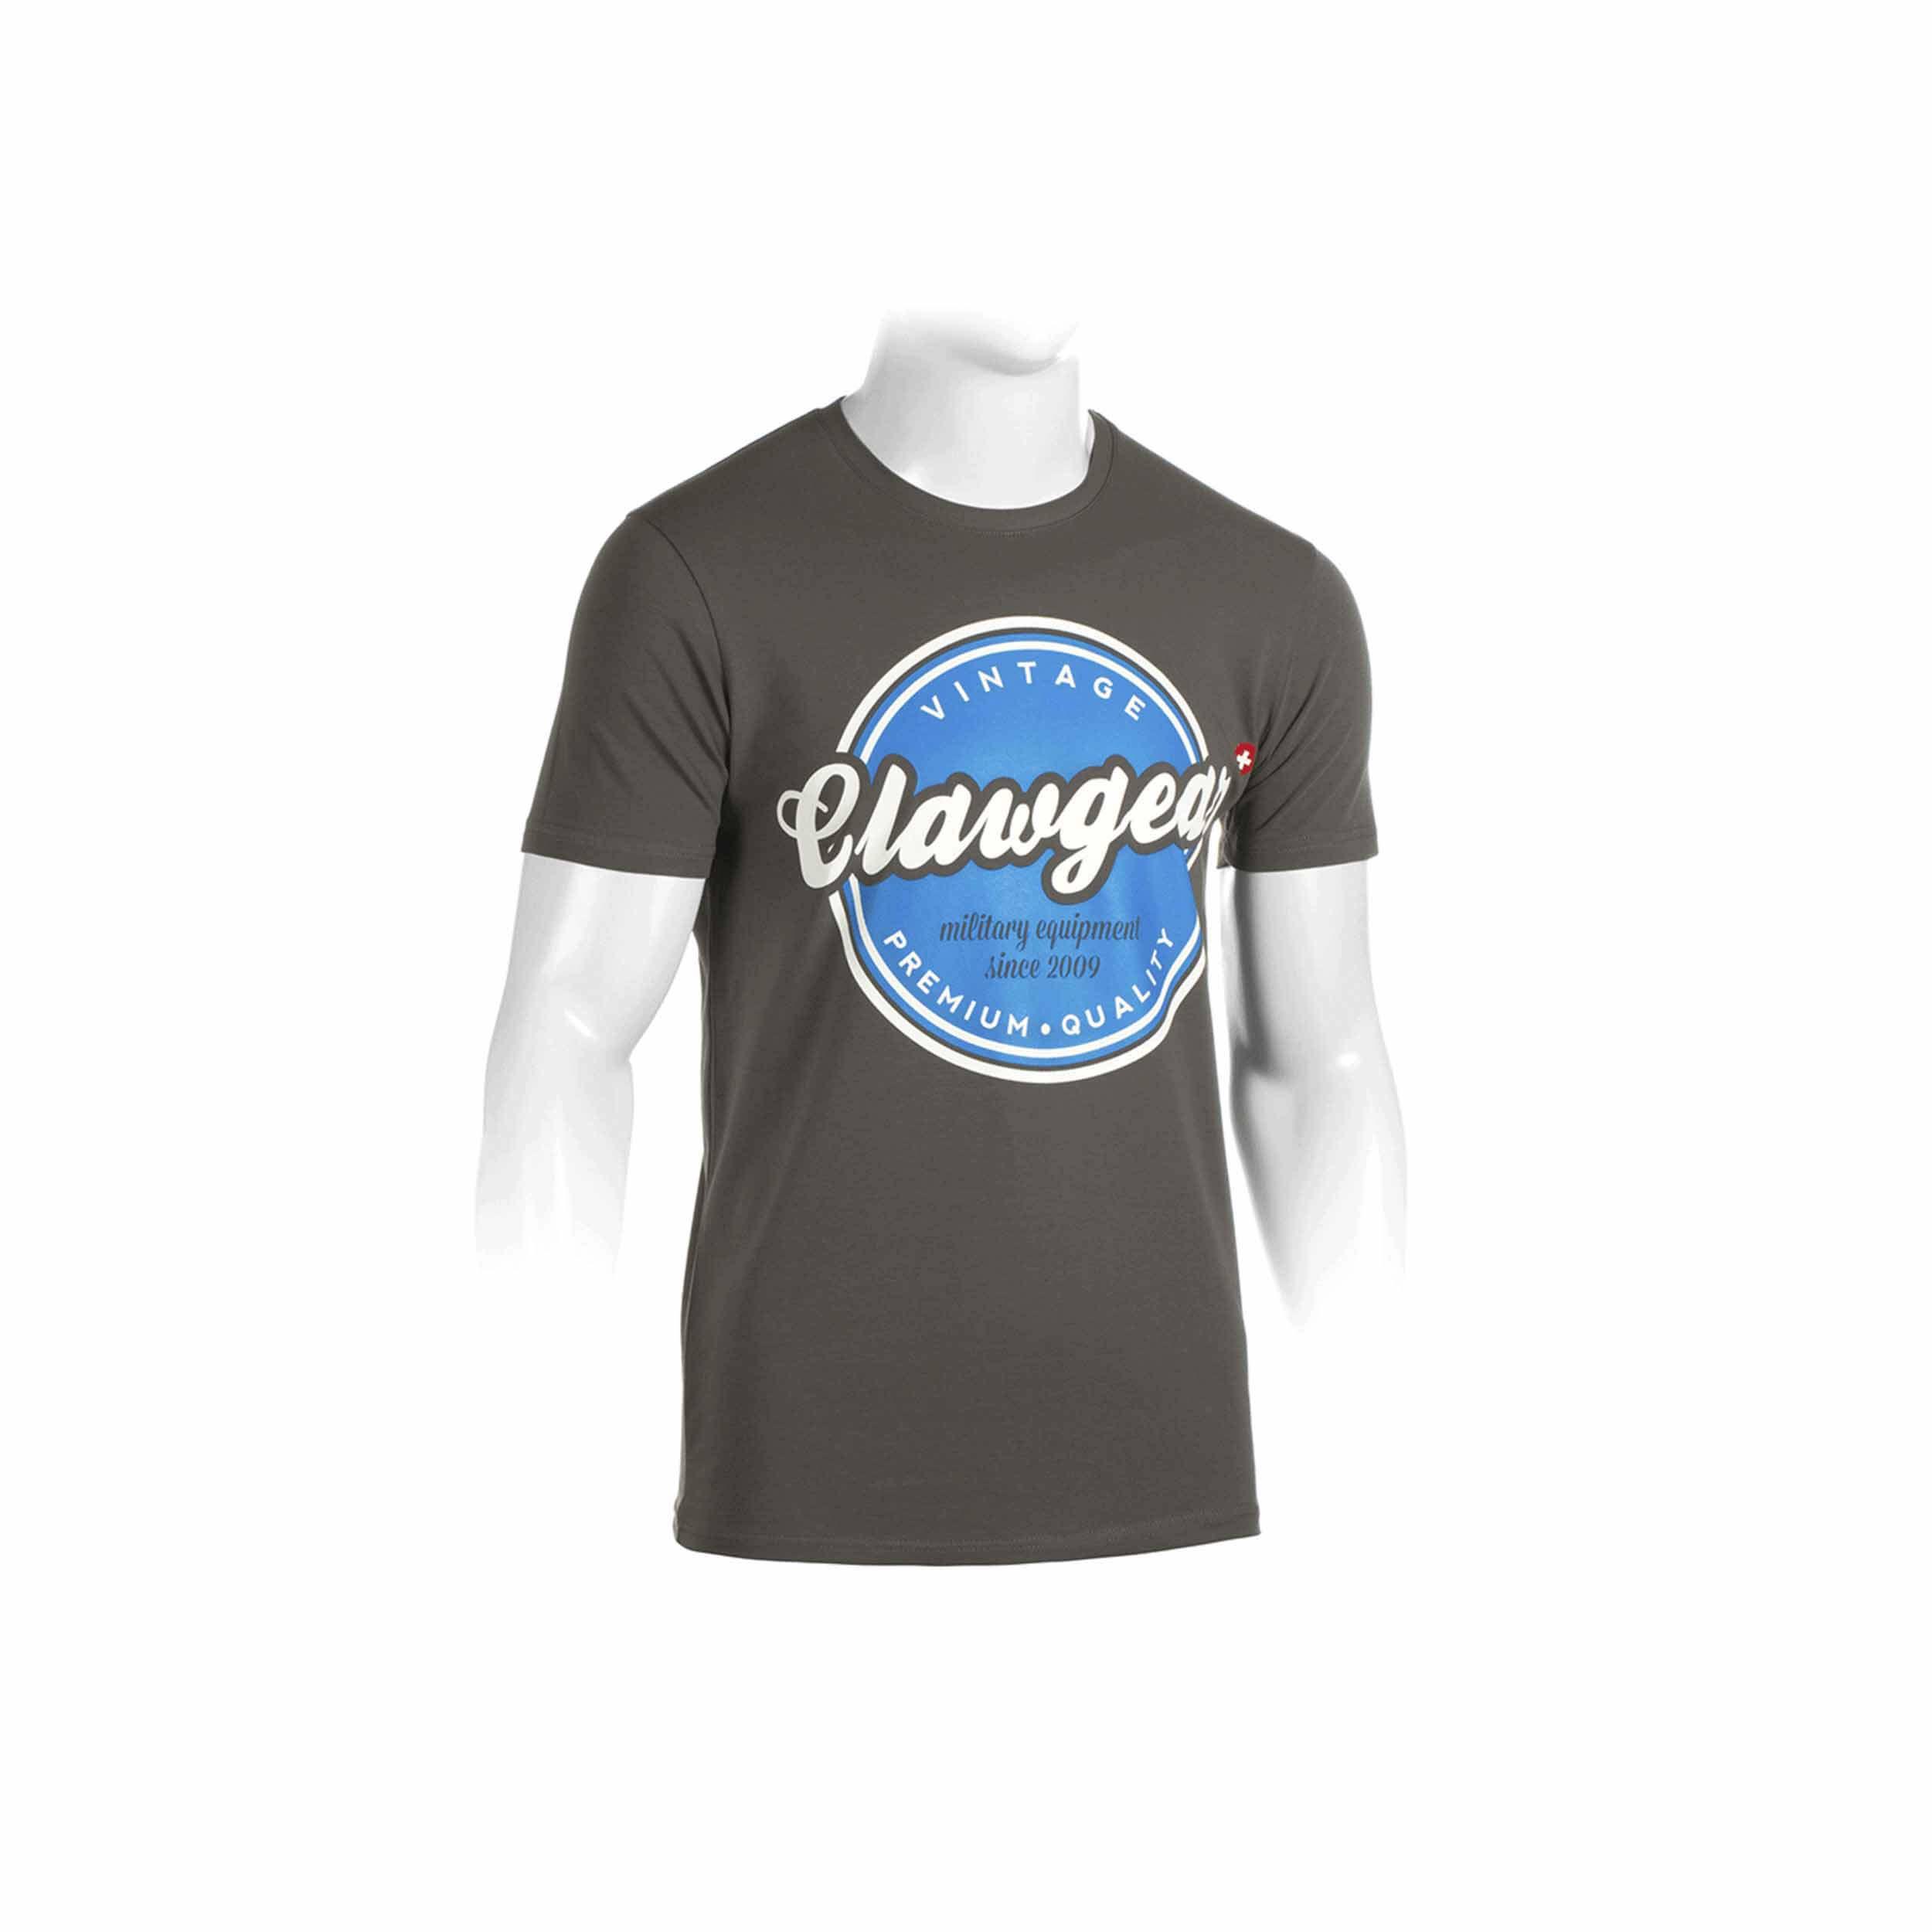 Clawgear Vintage Tee T-Shirt Grau